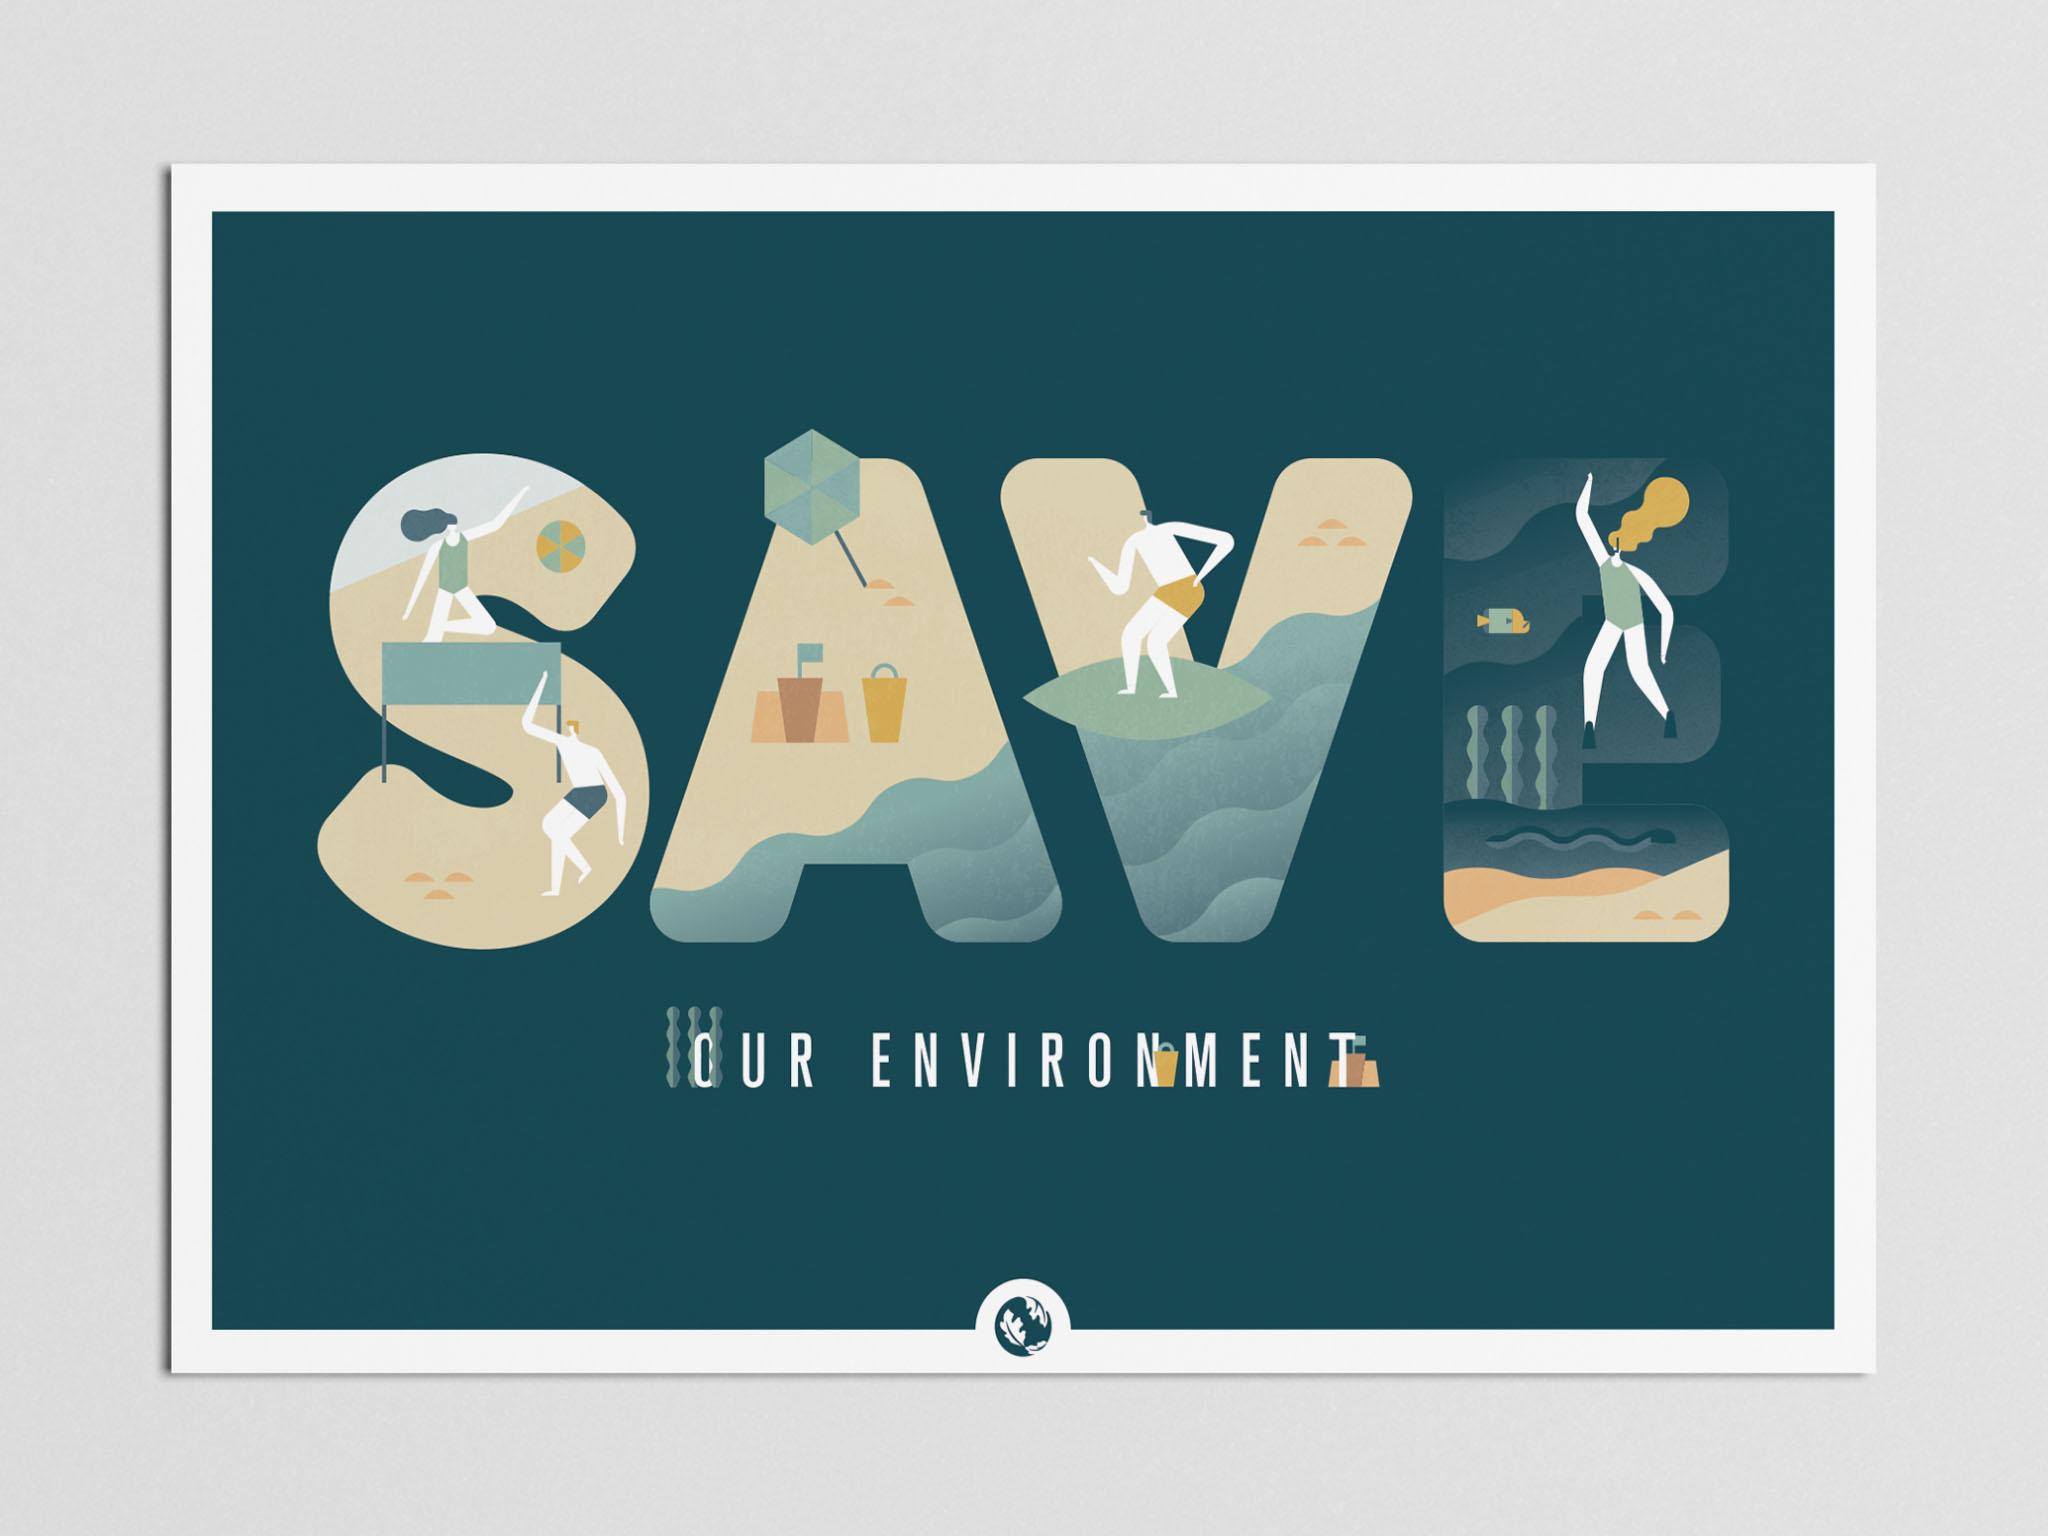 002_Save